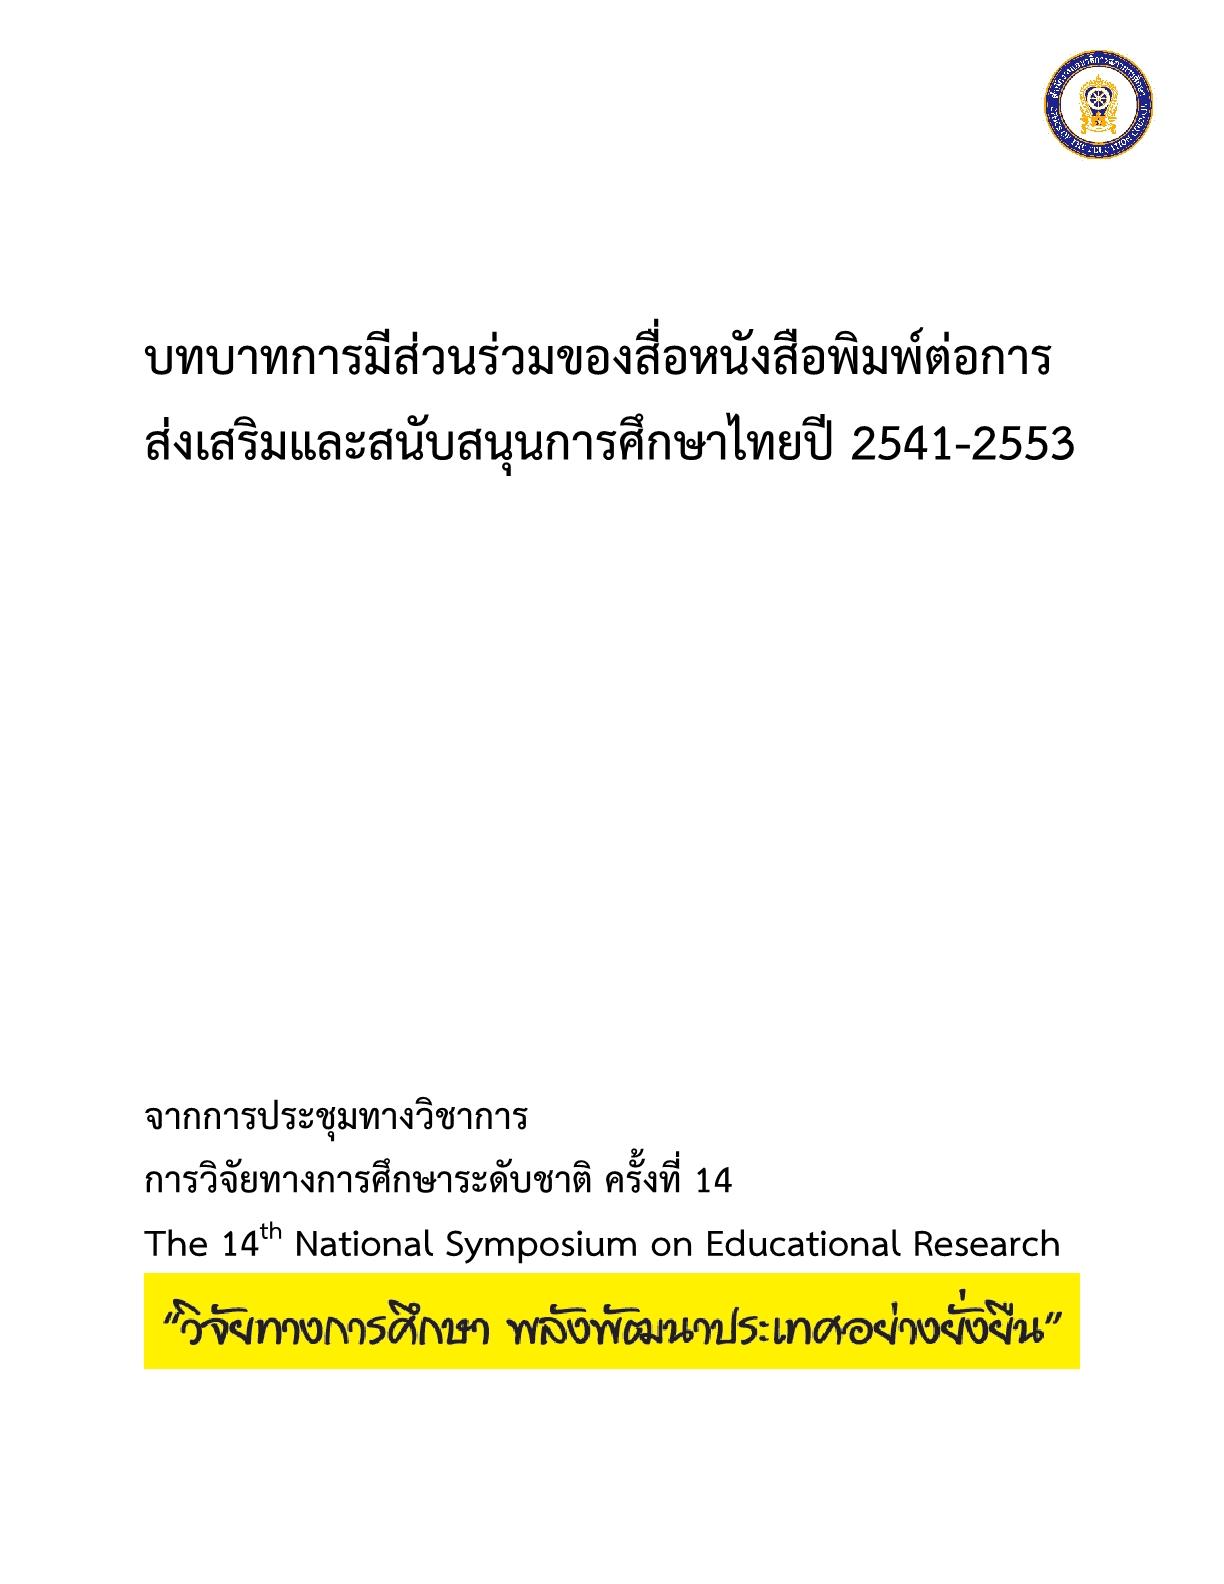 บทบาทการมีส่วนร่วมของสื่อหนังสือพิมพ์ต่อการส่งเสริมและสนับสนุนการศึกษาไทยปี 2541-2553